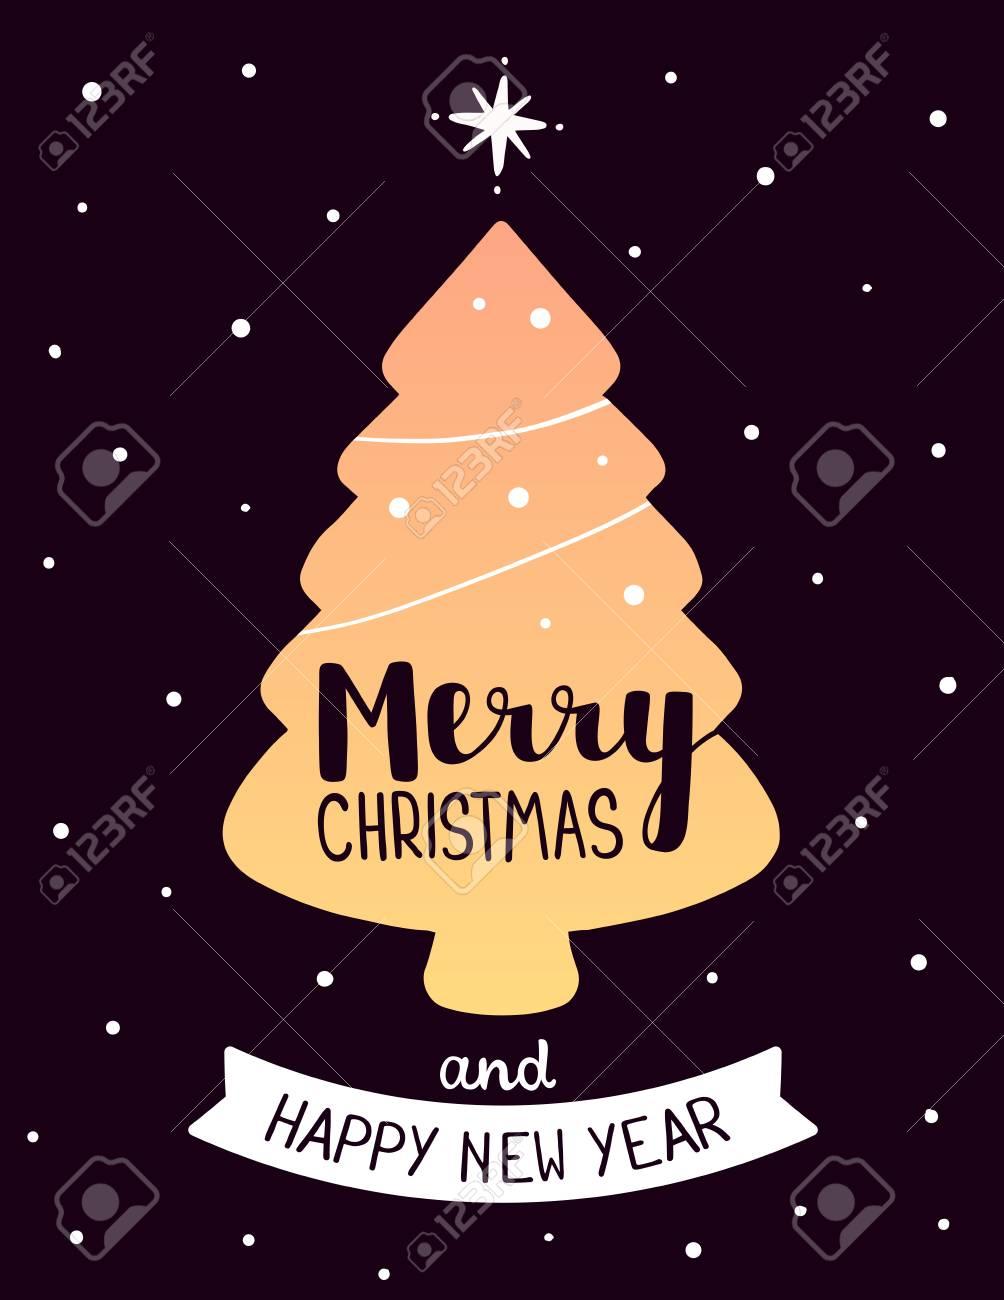 Vector Illustration De Couleur Dorée Forme Noël Sapin Avec Texte